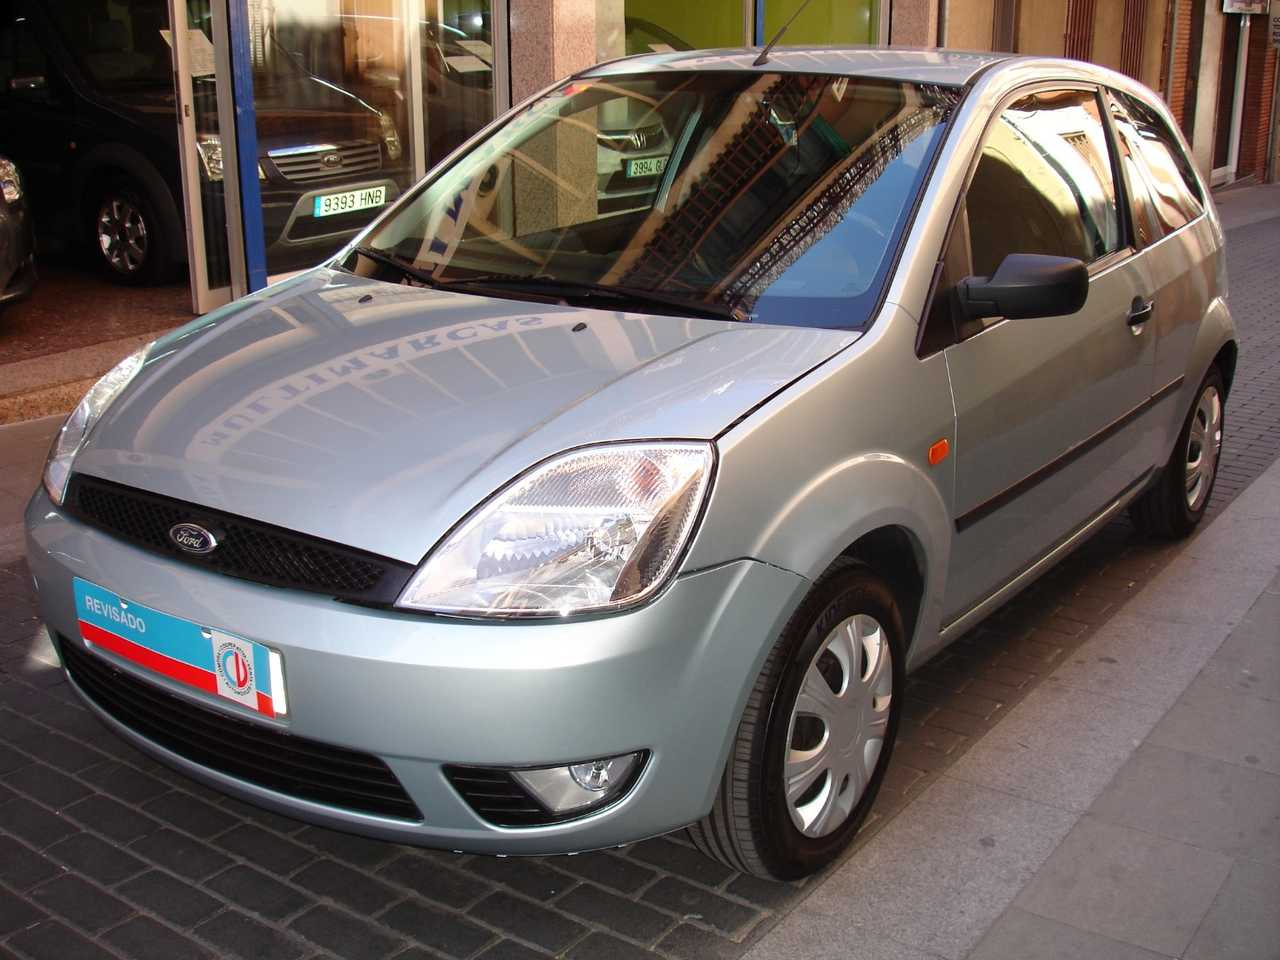 Ford Fiesta 1.4 TDCI con libro revisiones   - Foto 1